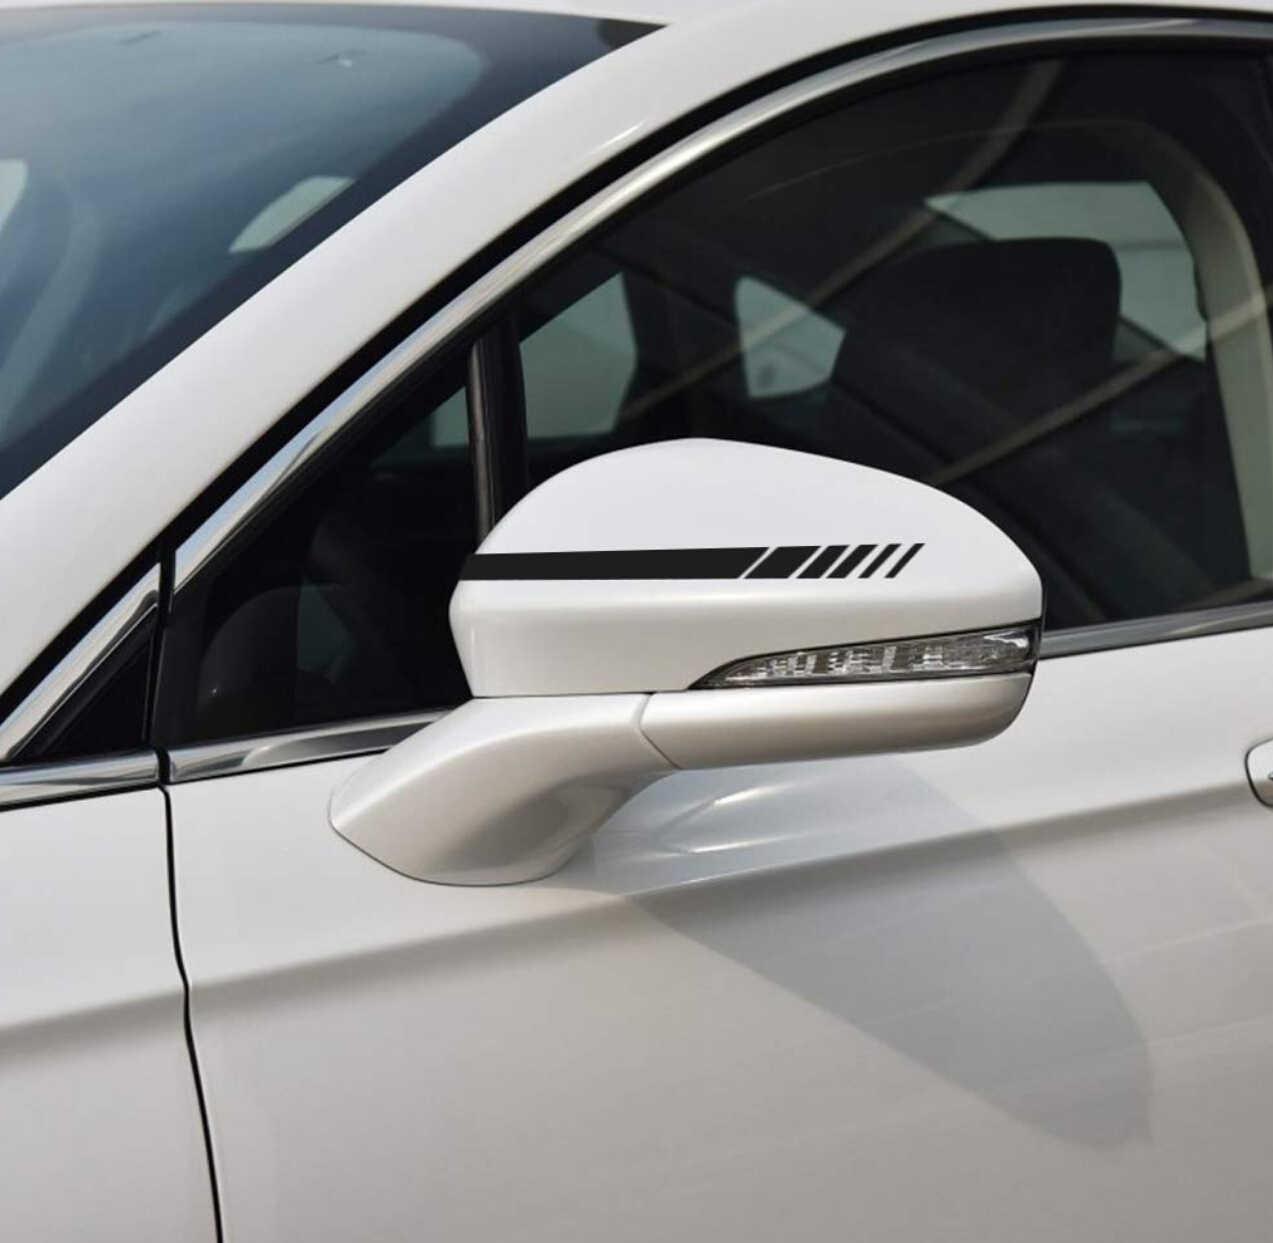 2 шт. автомобильный Стайлинг авто внедорожник виниловая графика Автомобильная наклейка зеркало заднего вида боковая наклейка полоса DIY наклейки для автомобиля